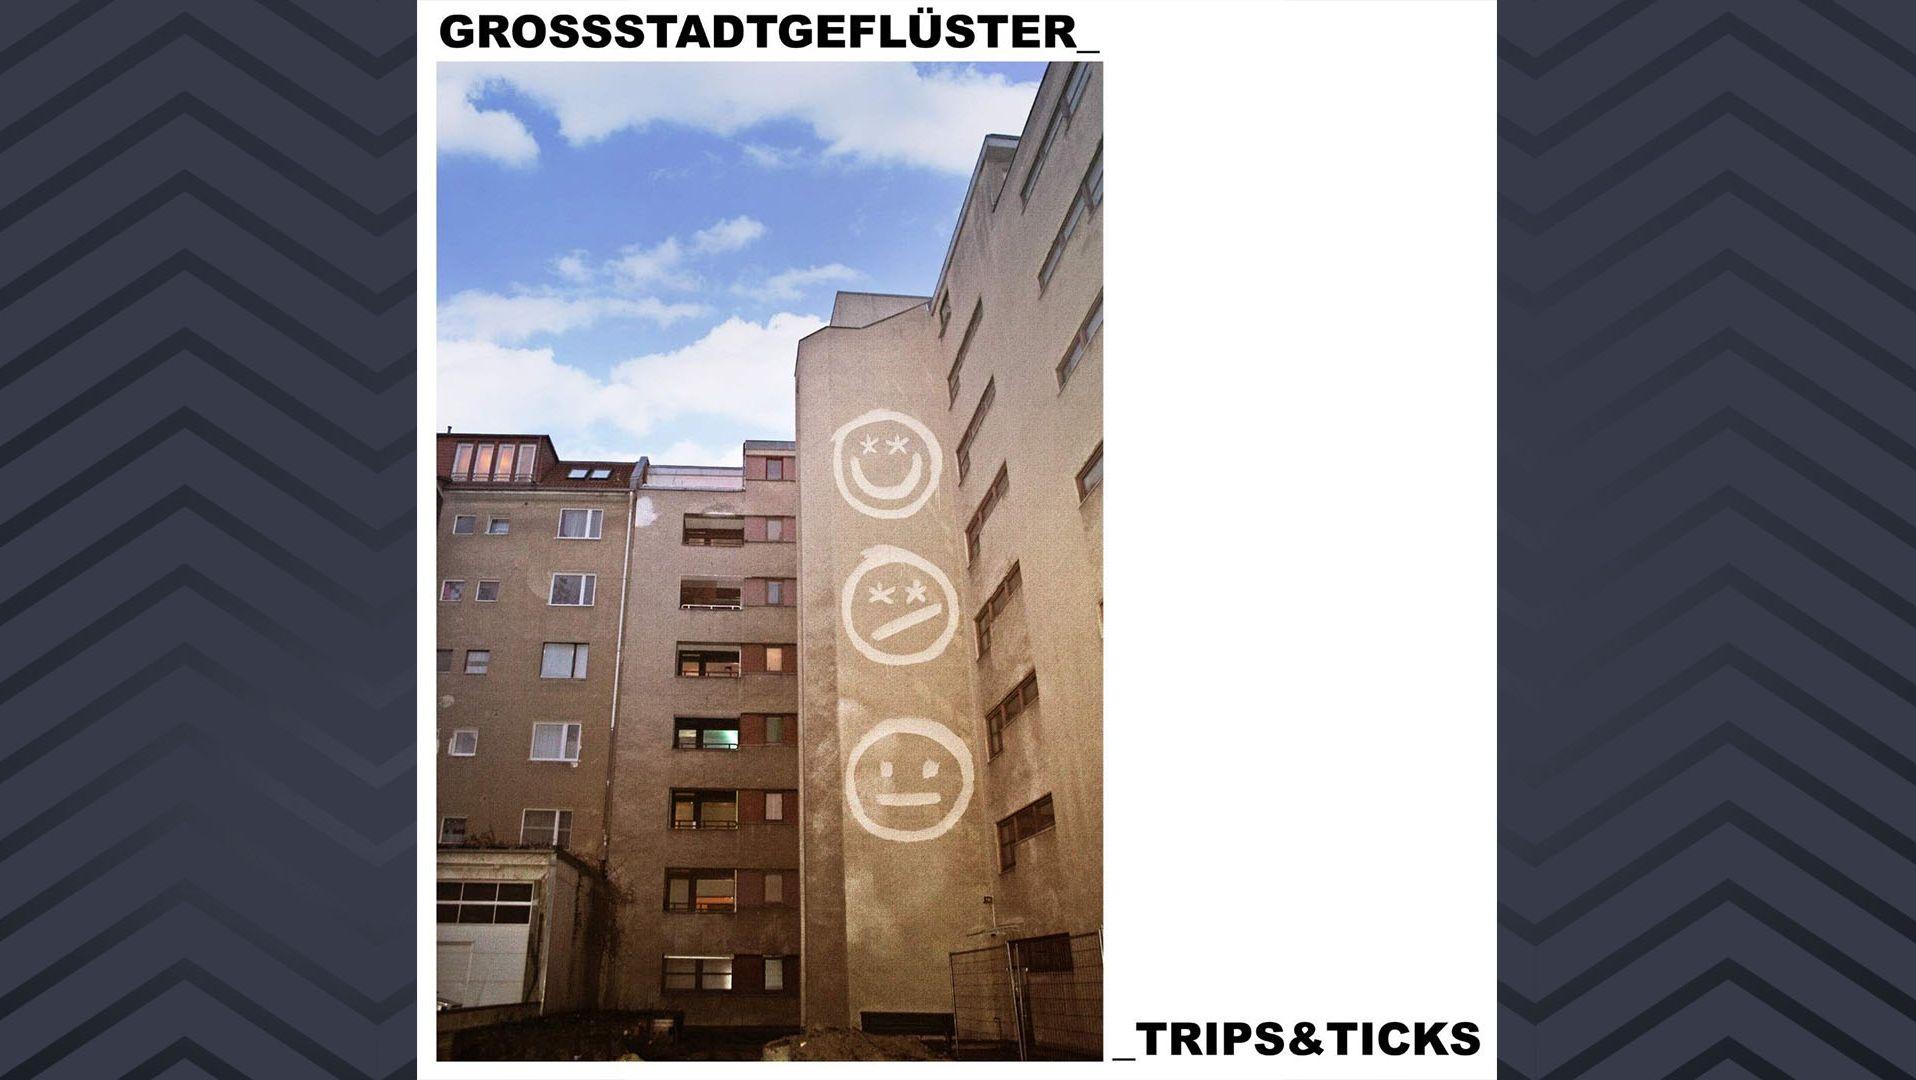 """Albumcover """"Trips und Ticks"""" von Großstadtgeflüster: Hinterhof mit großen Smileys an einer Hauswand"""